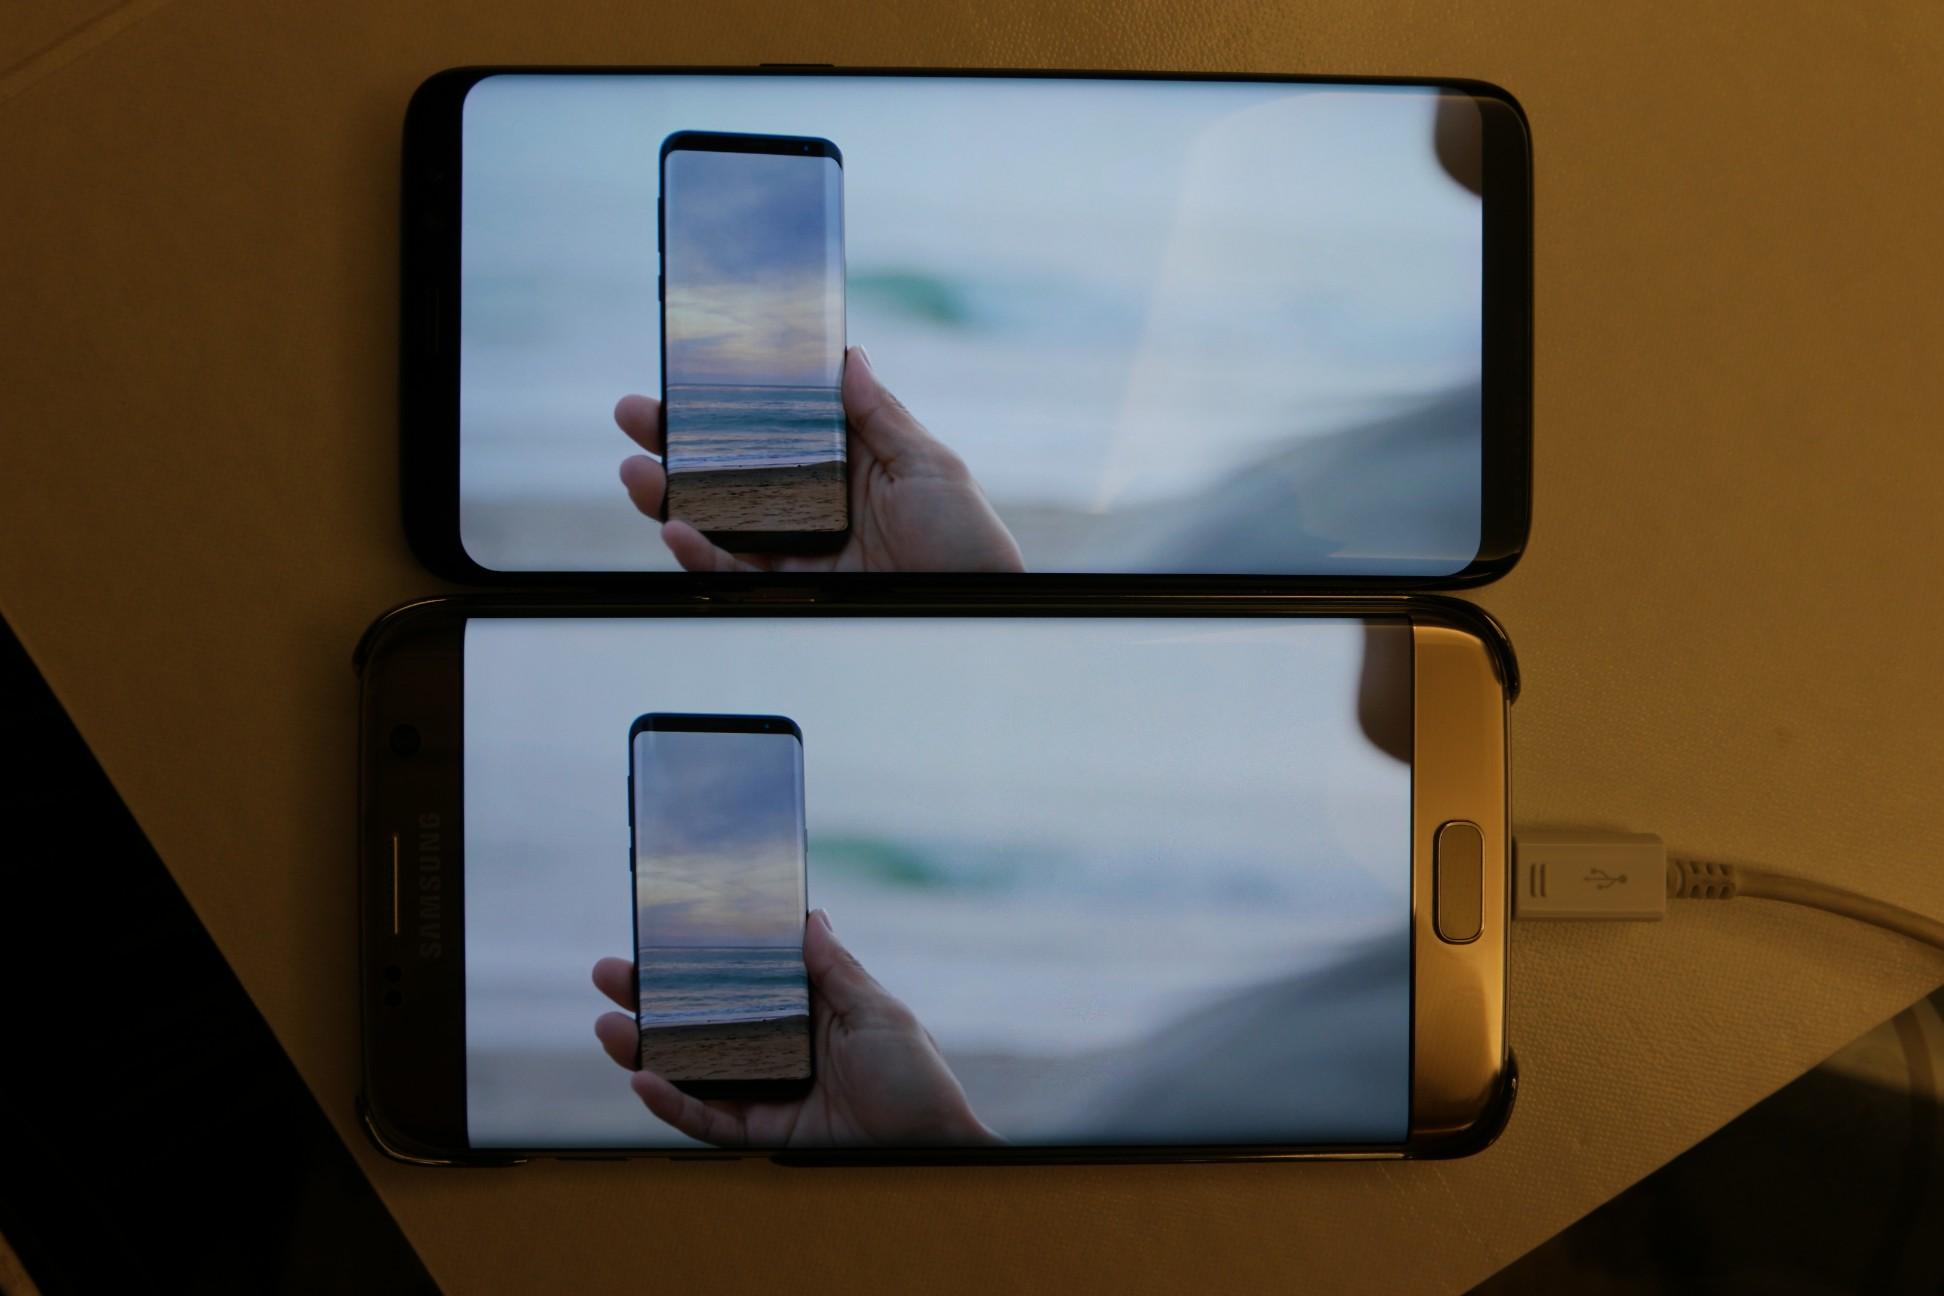 Galaxy S8 Dan S7e